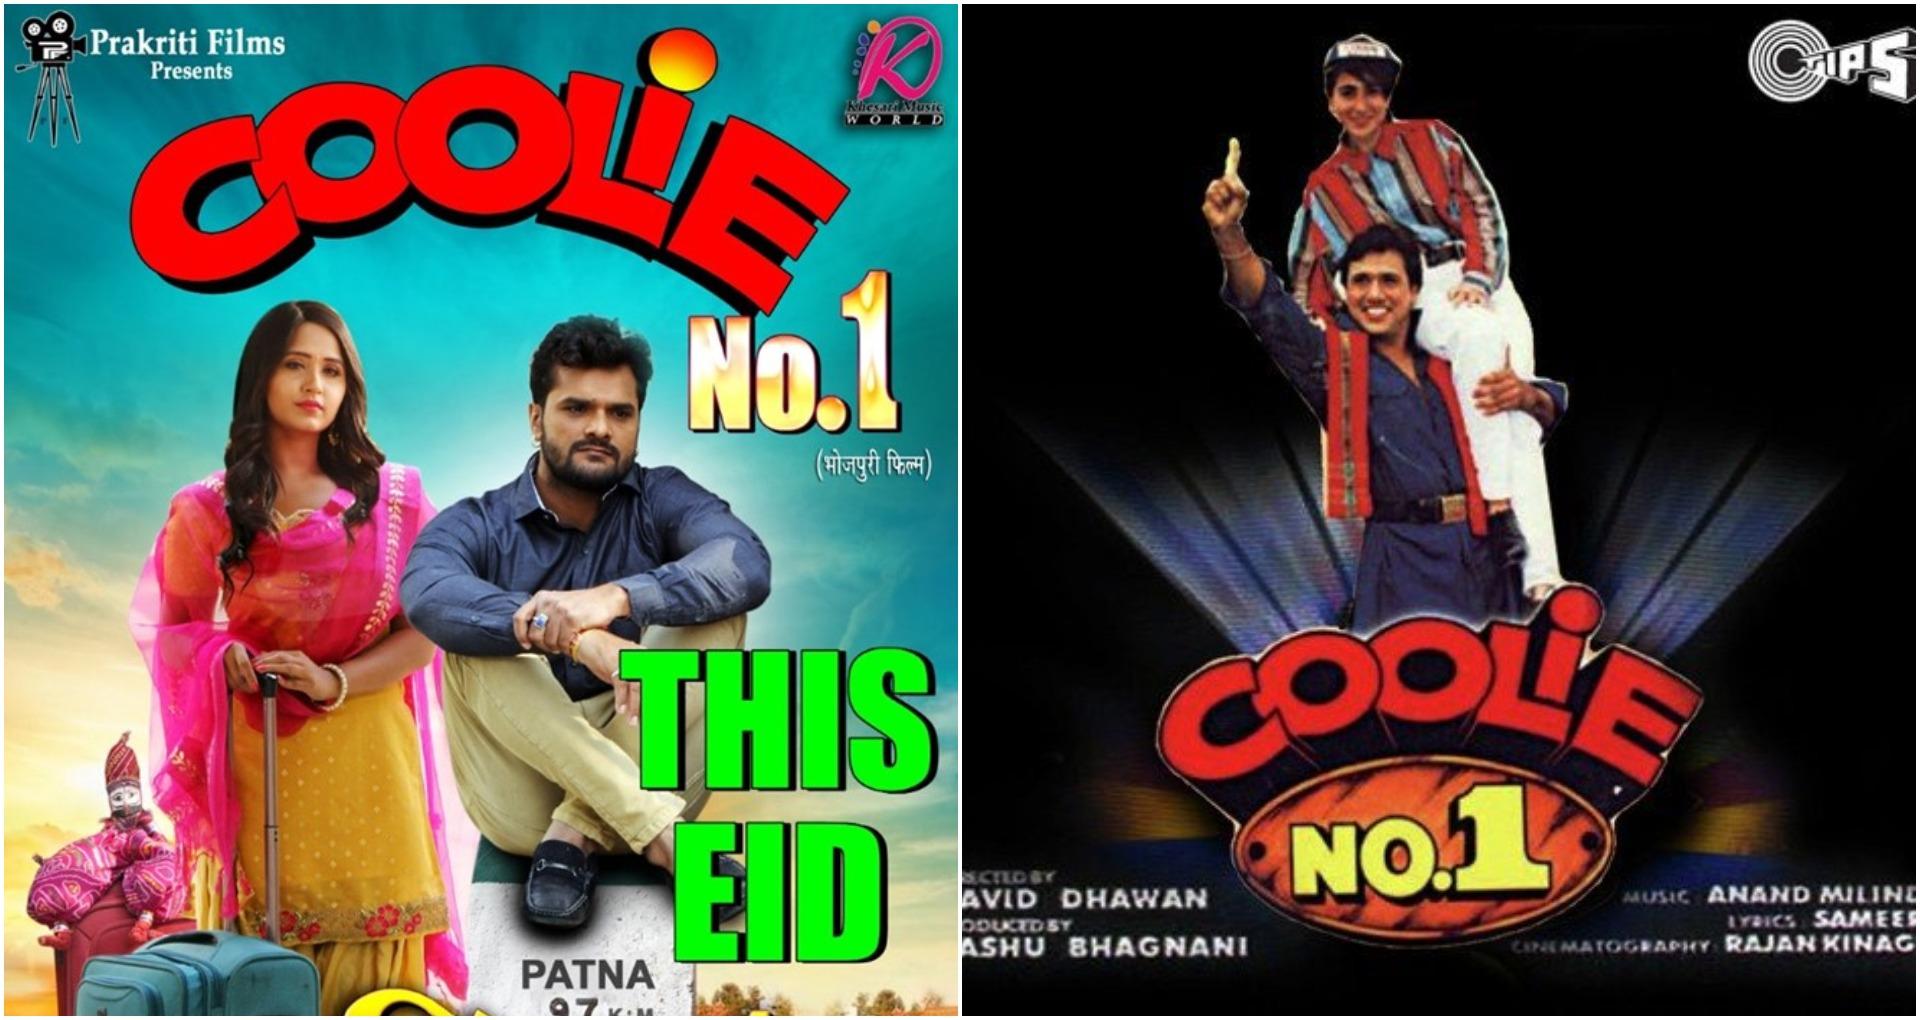 EXCLUSIVE: खेसारी लाल यादव की कुली नंबर 1 बॉलीवुड अभिनेता गोविंदा के फिल्म की रीमेक नहीं, ये रहा सबूत